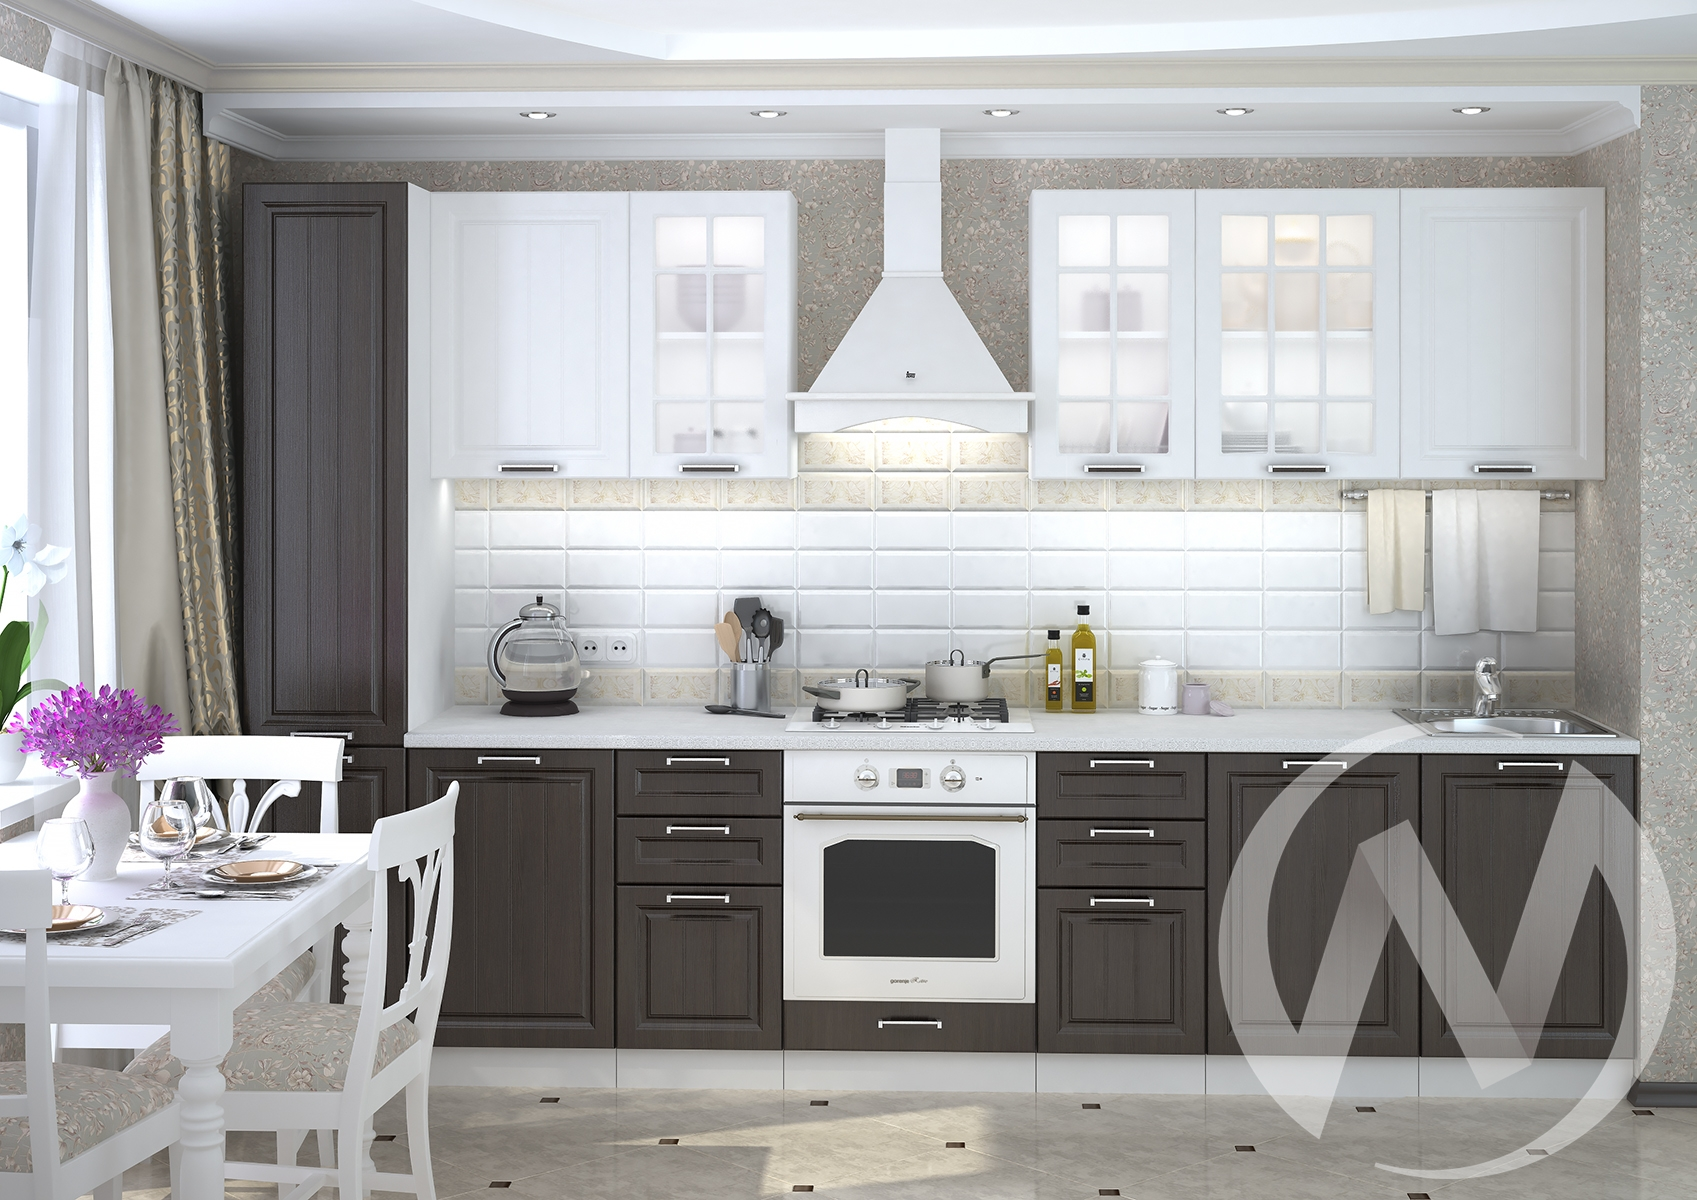 """Кухня """"Прага"""" (венге/корпус белый) в Новосибирске в интернет-магазине мебели kuhnya54.ru"""